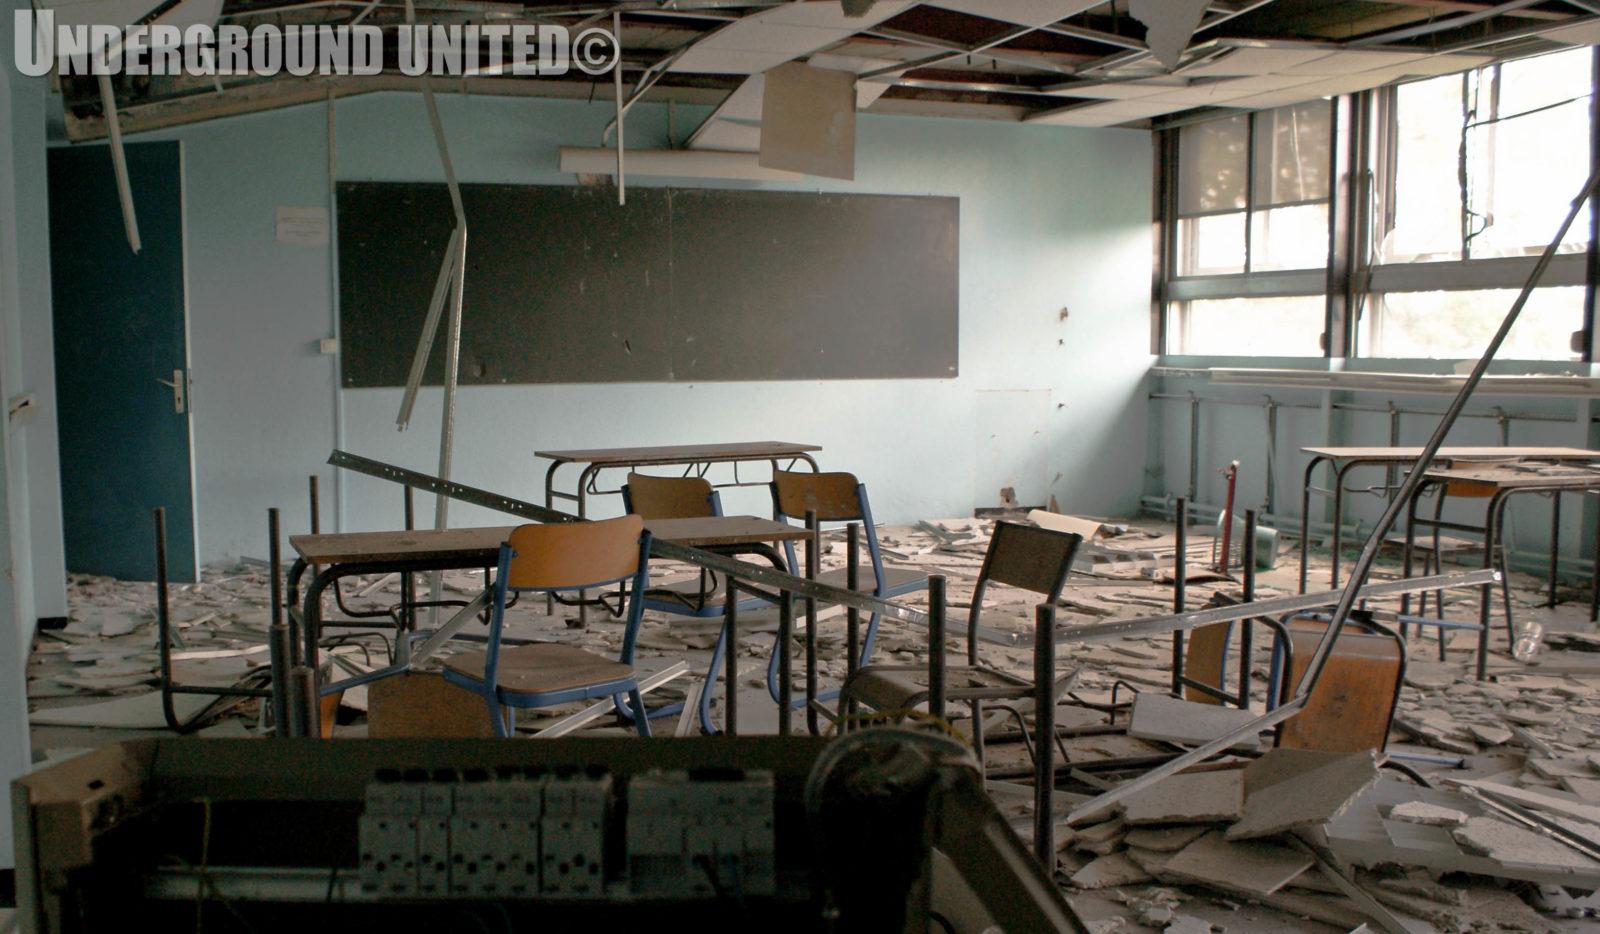 rentreescolaire college lieuxabandonnes urbex explorationurbaine radar allurbanmakers undergroundunited 79676o - De la maternelle à la fac, découvrez les plus belles écoles abandonnées !